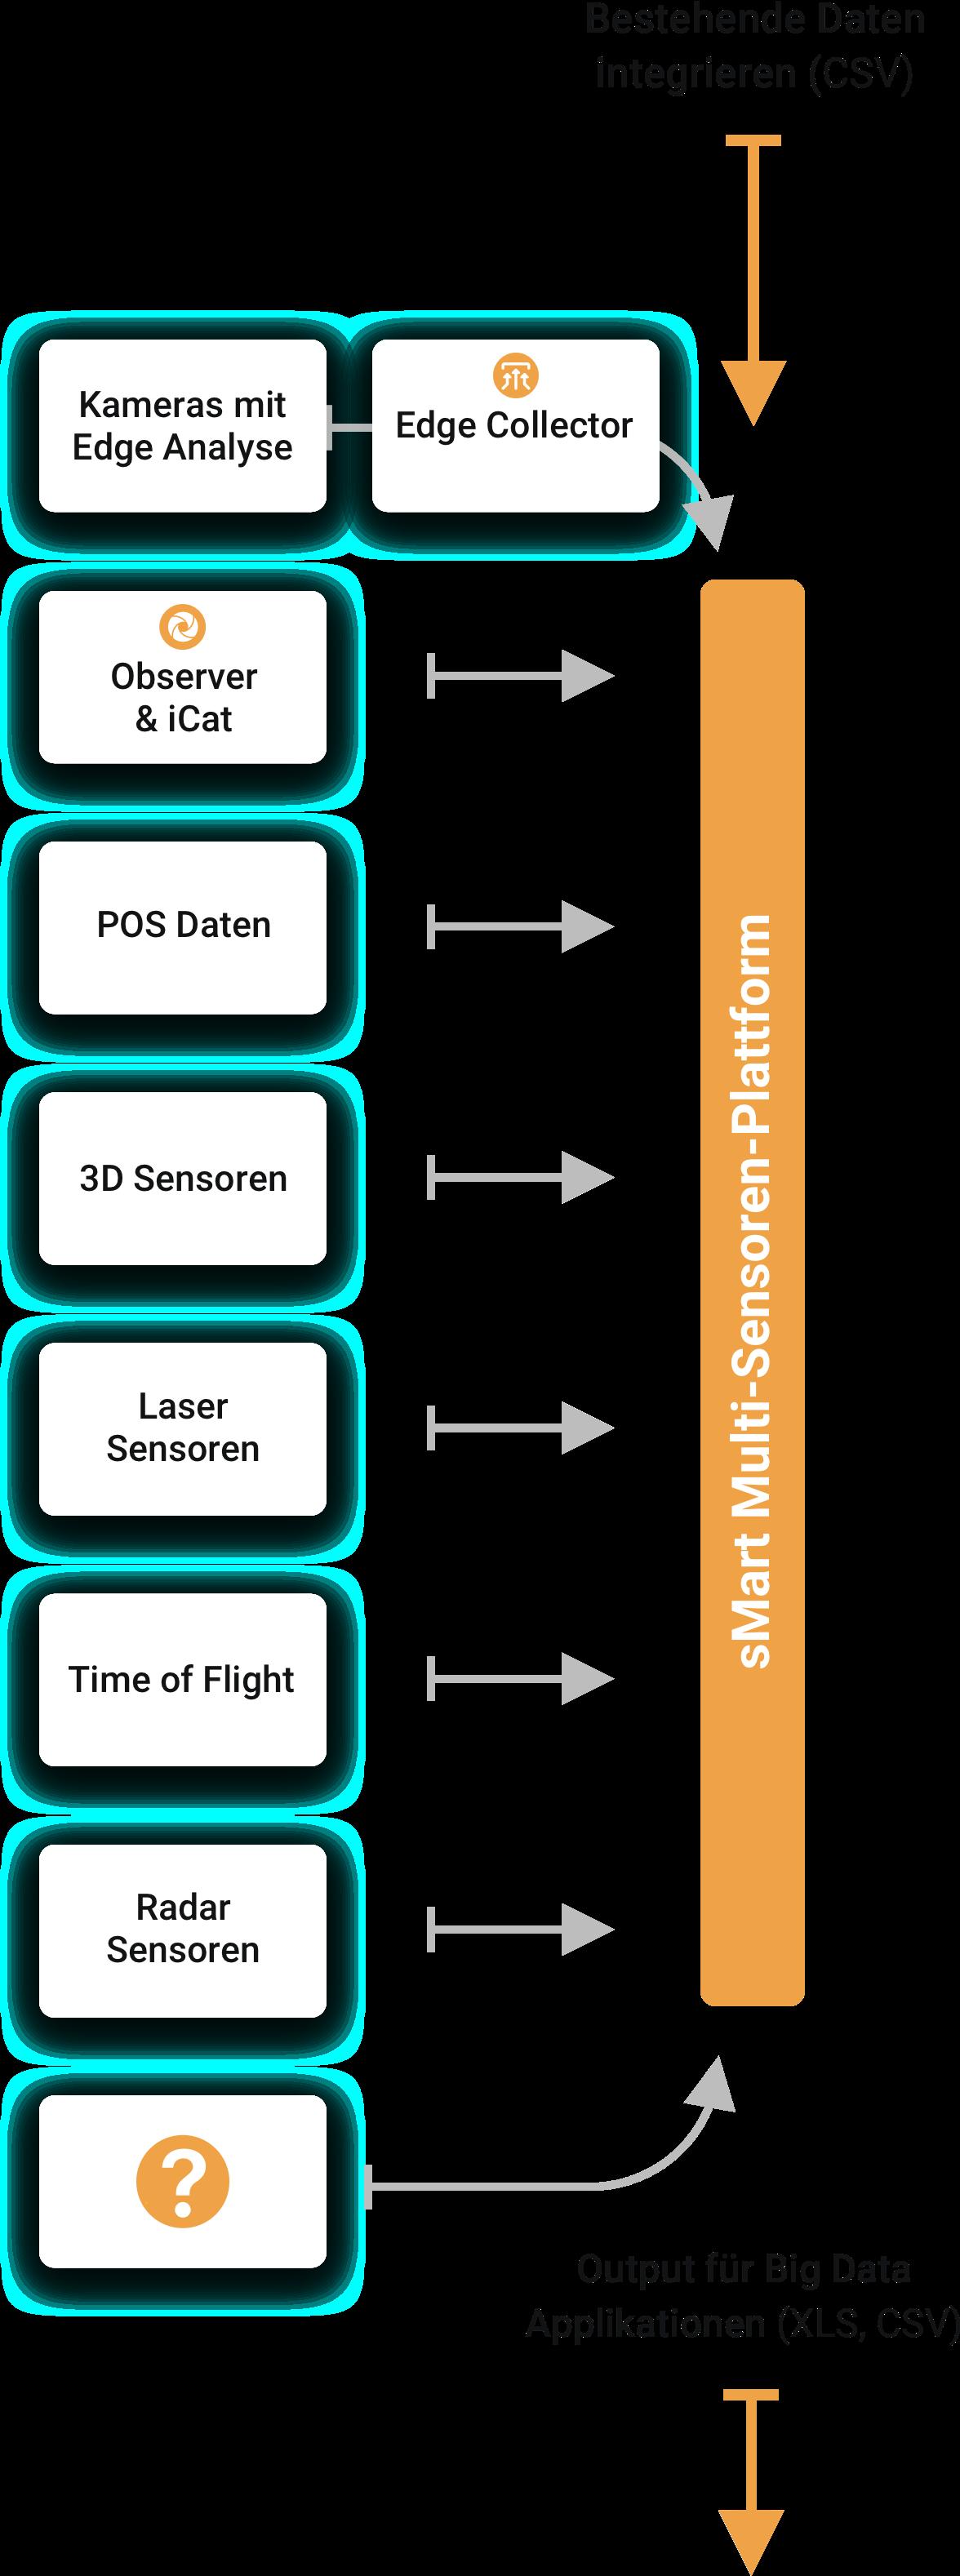 Alle sensoren und Systeme, die in die sMart Datenplattform (auch sMart Mulit-Sensoren Plattform) integriert werden können.